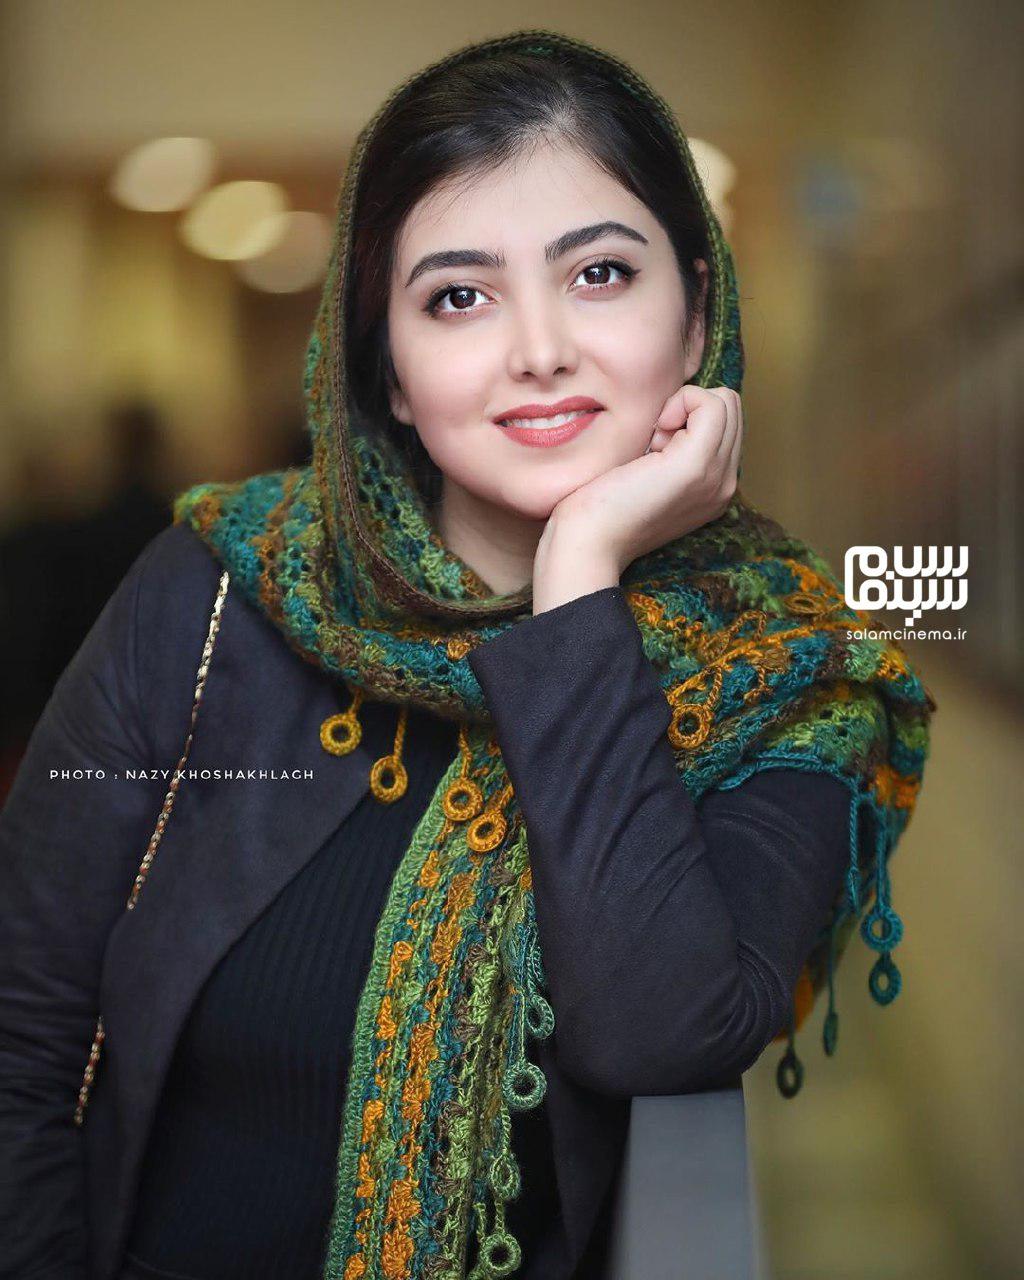 زیبا کرمعلی - اکران خصوصی فیلم مطرب - سینما چارسو